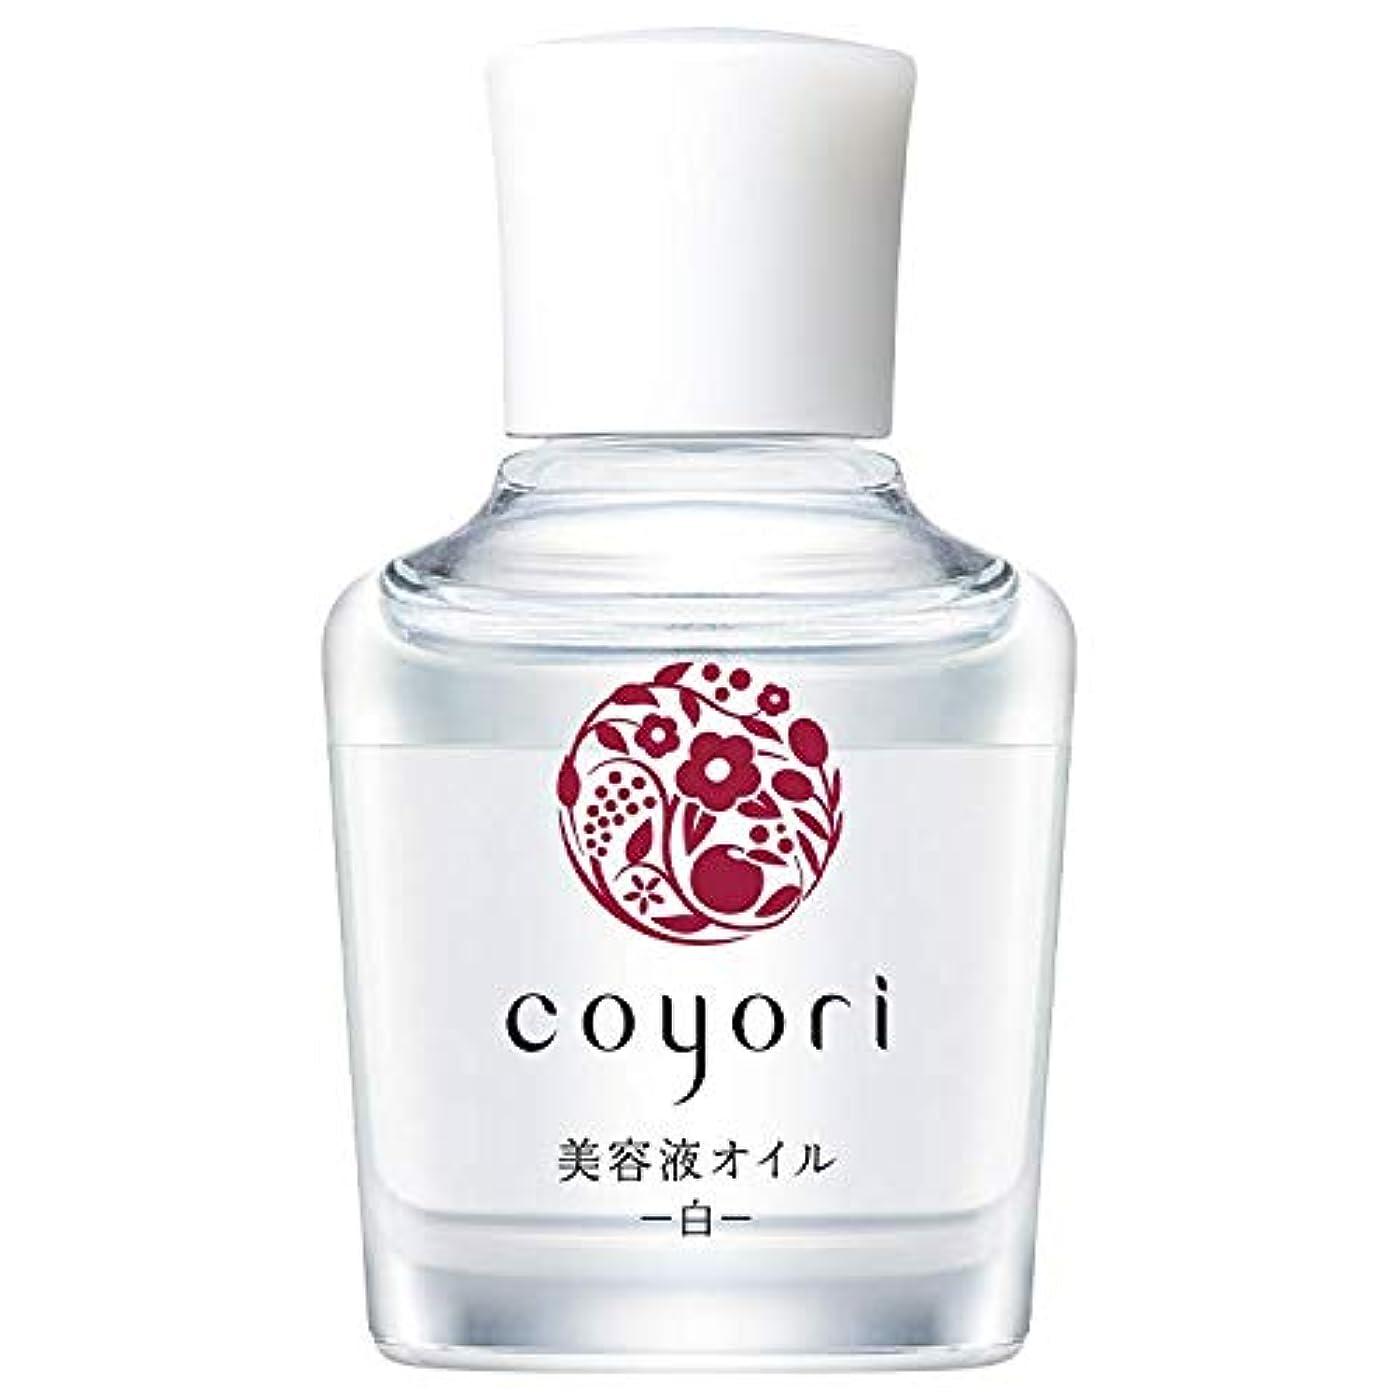 オレンジ覚醒深めるCoyori コヨリ 美容液オイル-白- 20mL 無添加[高機能 自然派 エイジングケア 乾燥肌 敏感肌 くすみ 乾燥 小じわ 対策用 もっちり ハリ ツヤ フェイスオイル ]